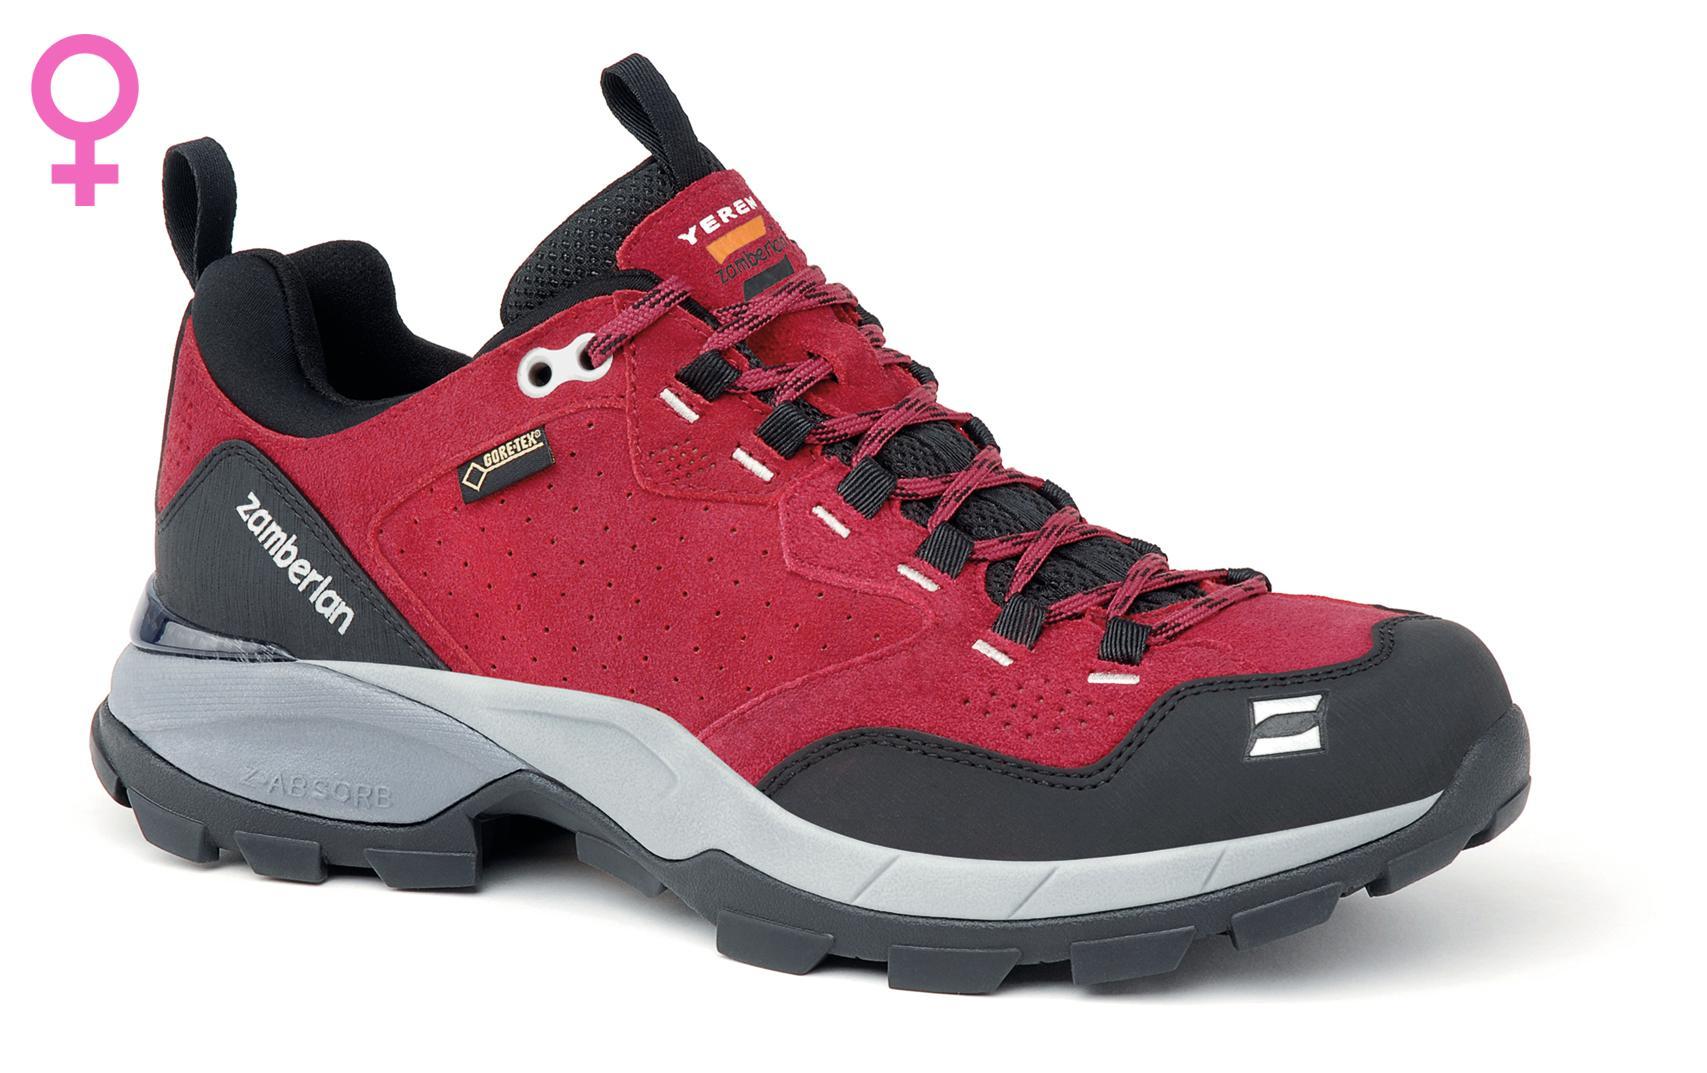 152 YEREN LOW GTX® RR WNS   -   Chaussures  Hiking     -   Gerbera